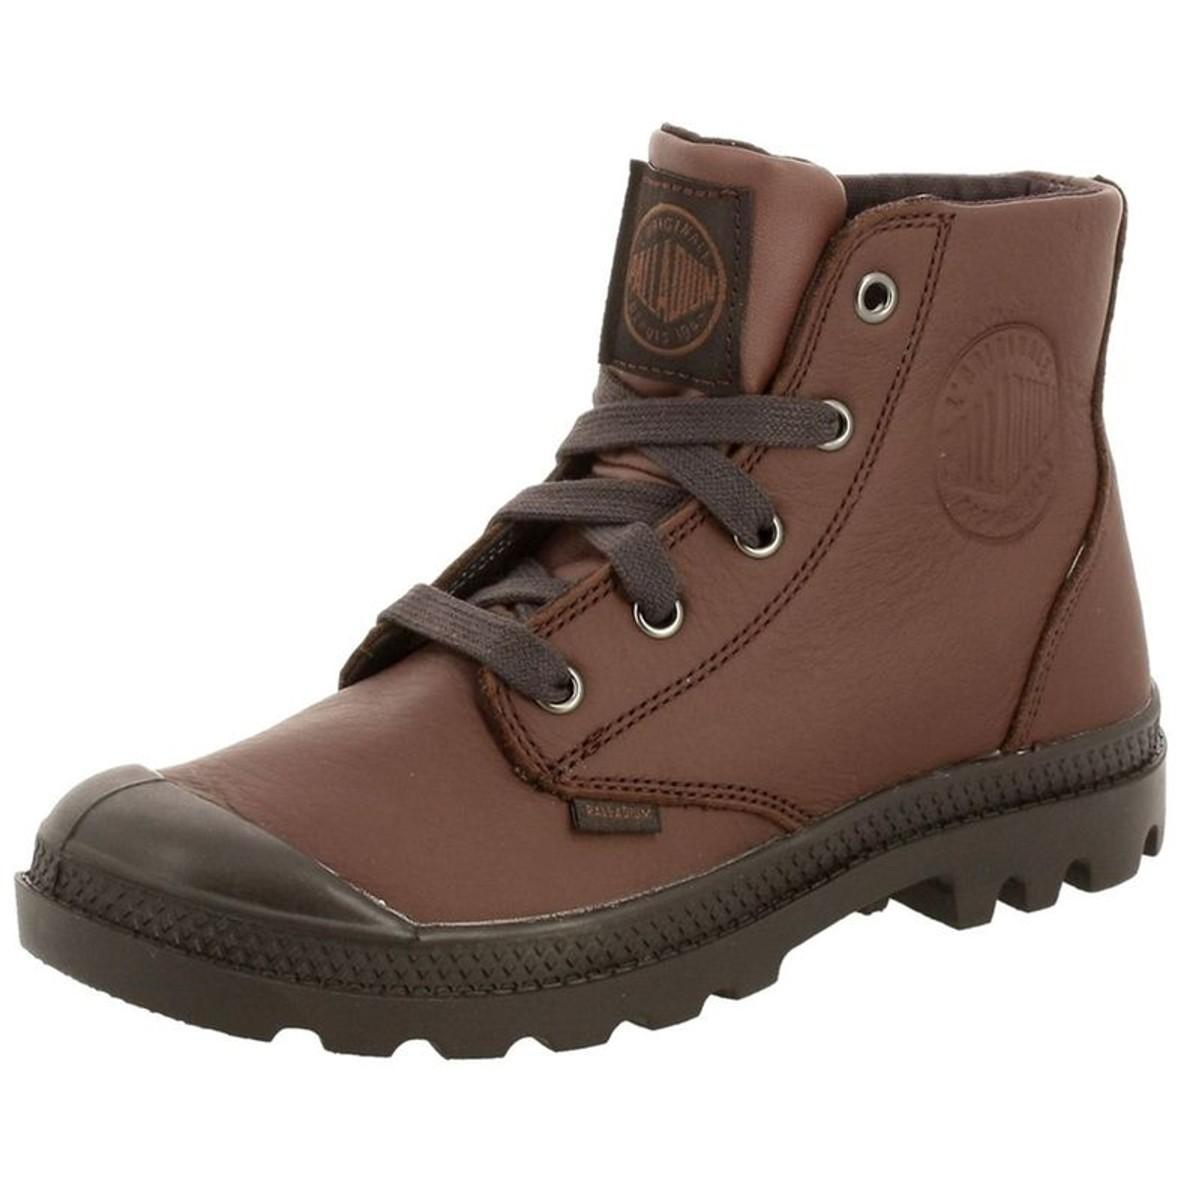 a139cd47f3af17 baggy gl femme palladium 74515   Palladium shoes   Palladium shoes et Shoes